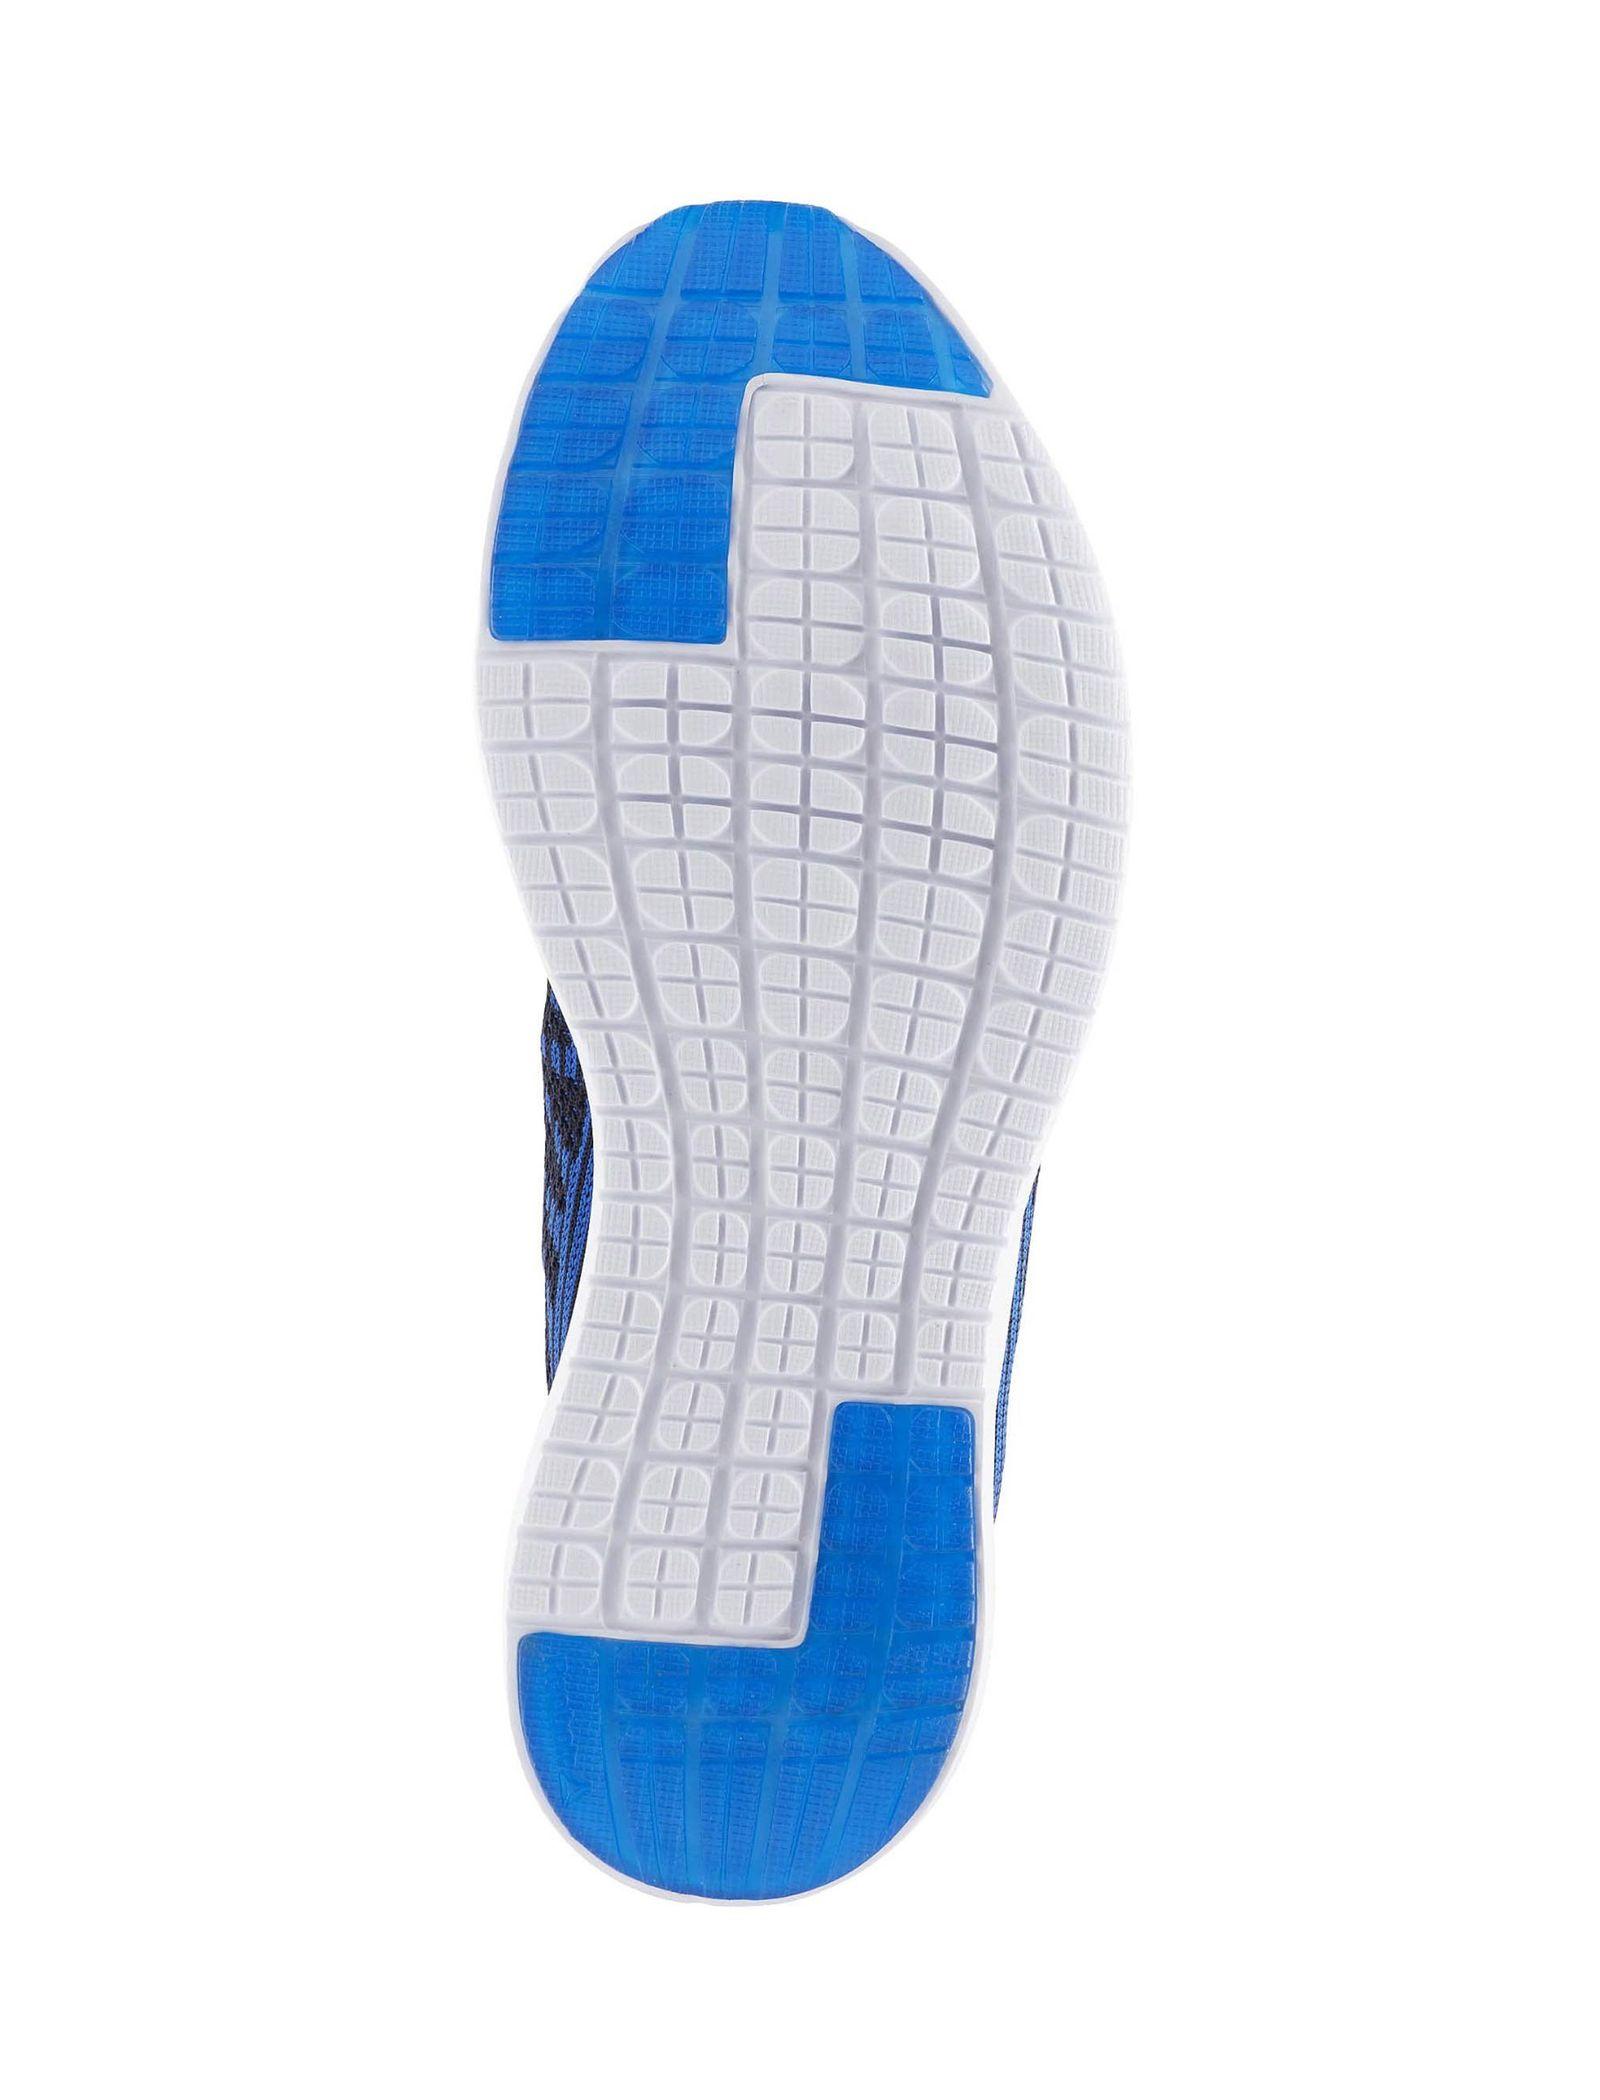 کفش دویدن بندی مردانه Pump Plus Ultraknit - ریباک - آبي سرمه اي - 2